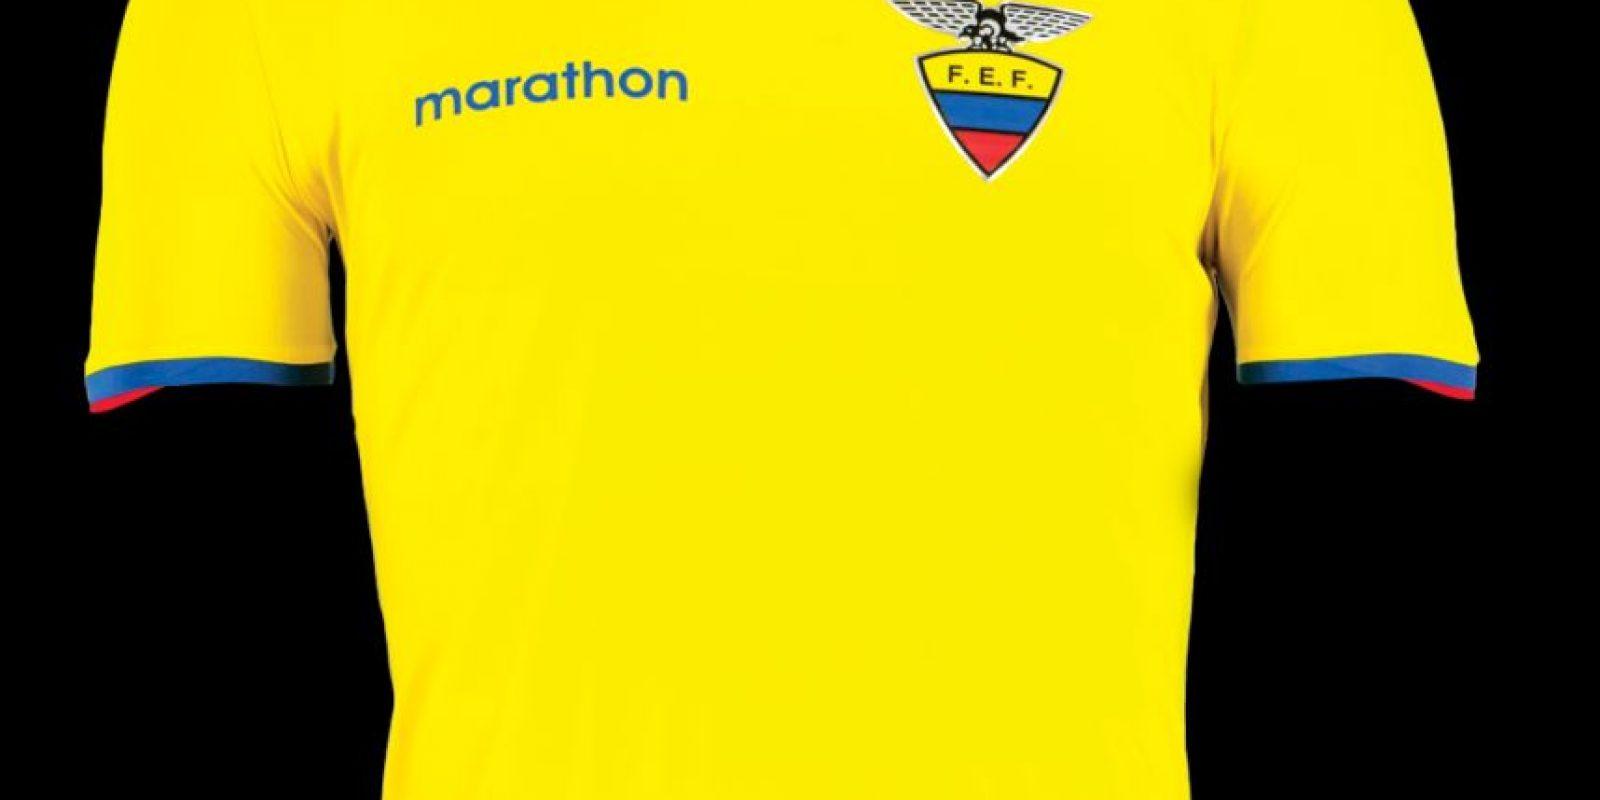 Ecuador Foto:Marathon